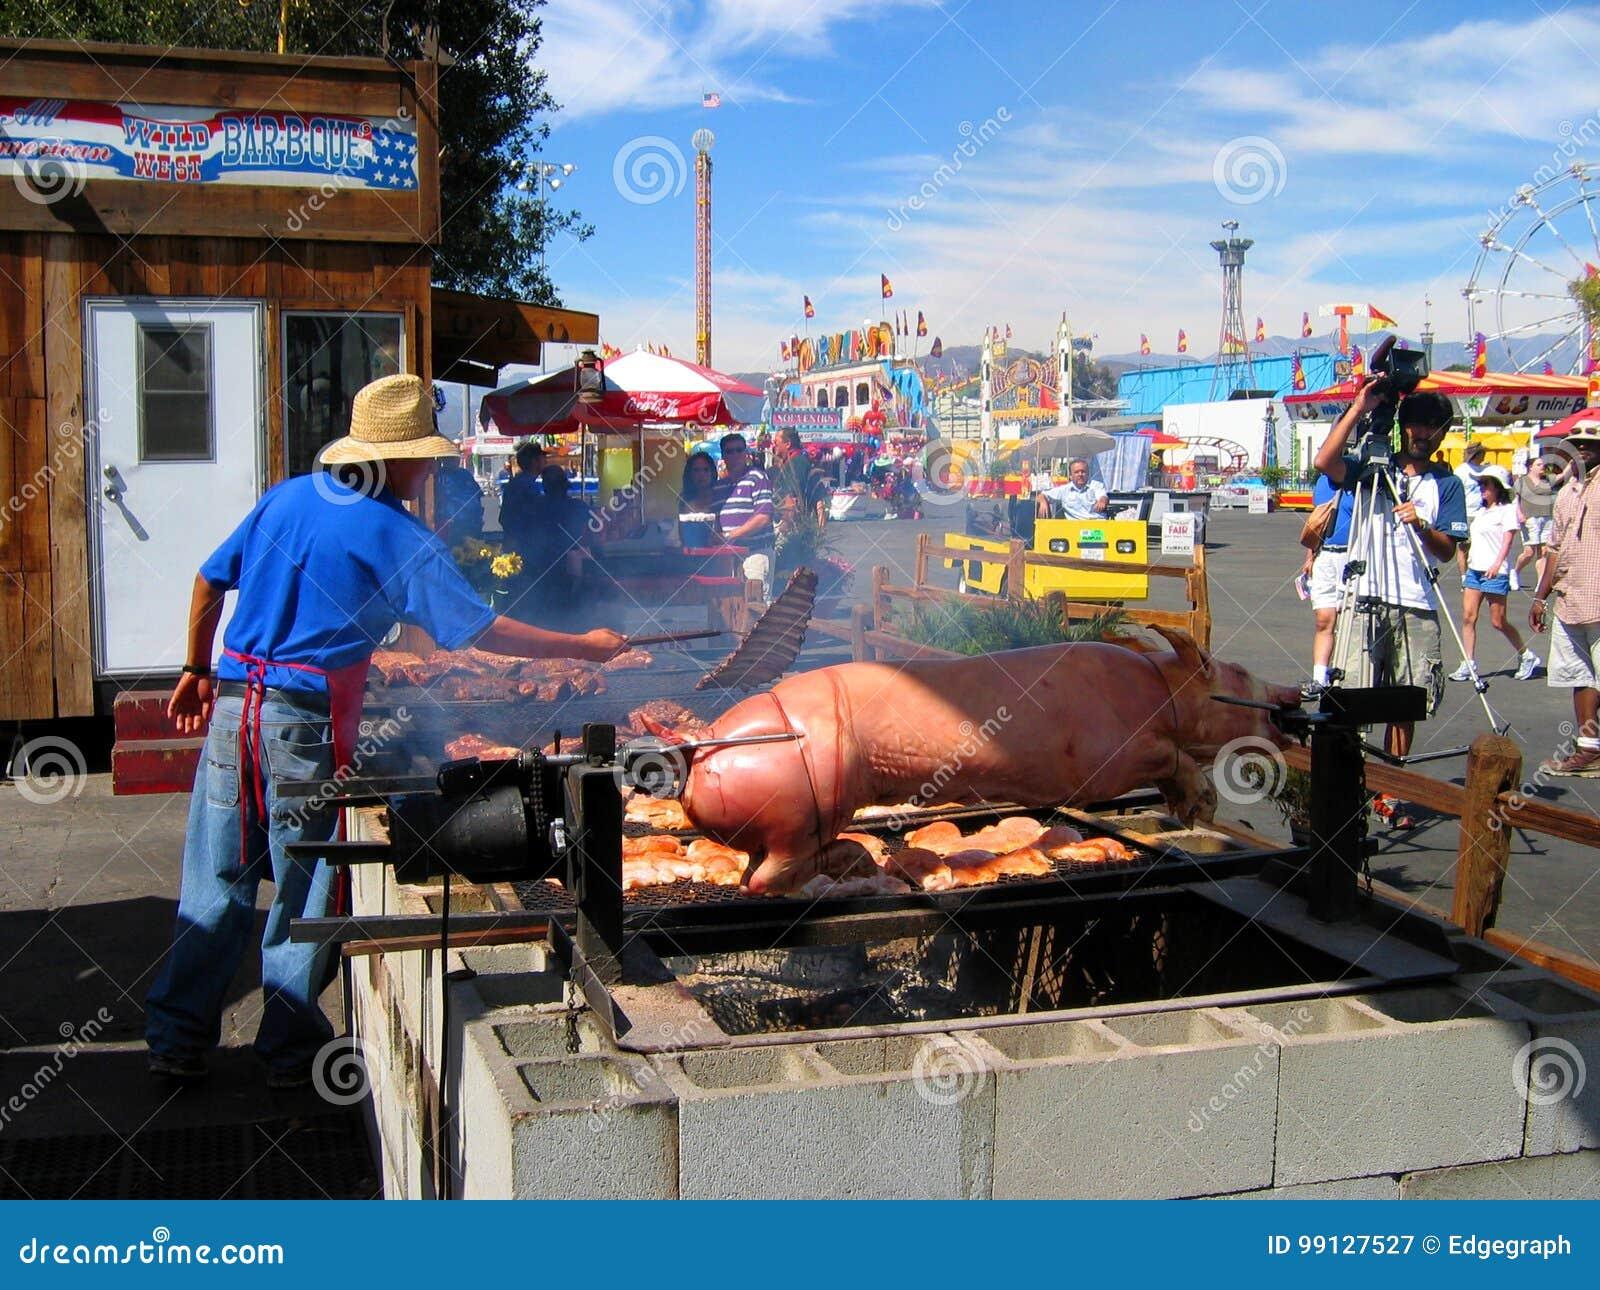 烘烤猪,公平的洛杉矶郡, Fairplex,波诺马,加利福尼亚